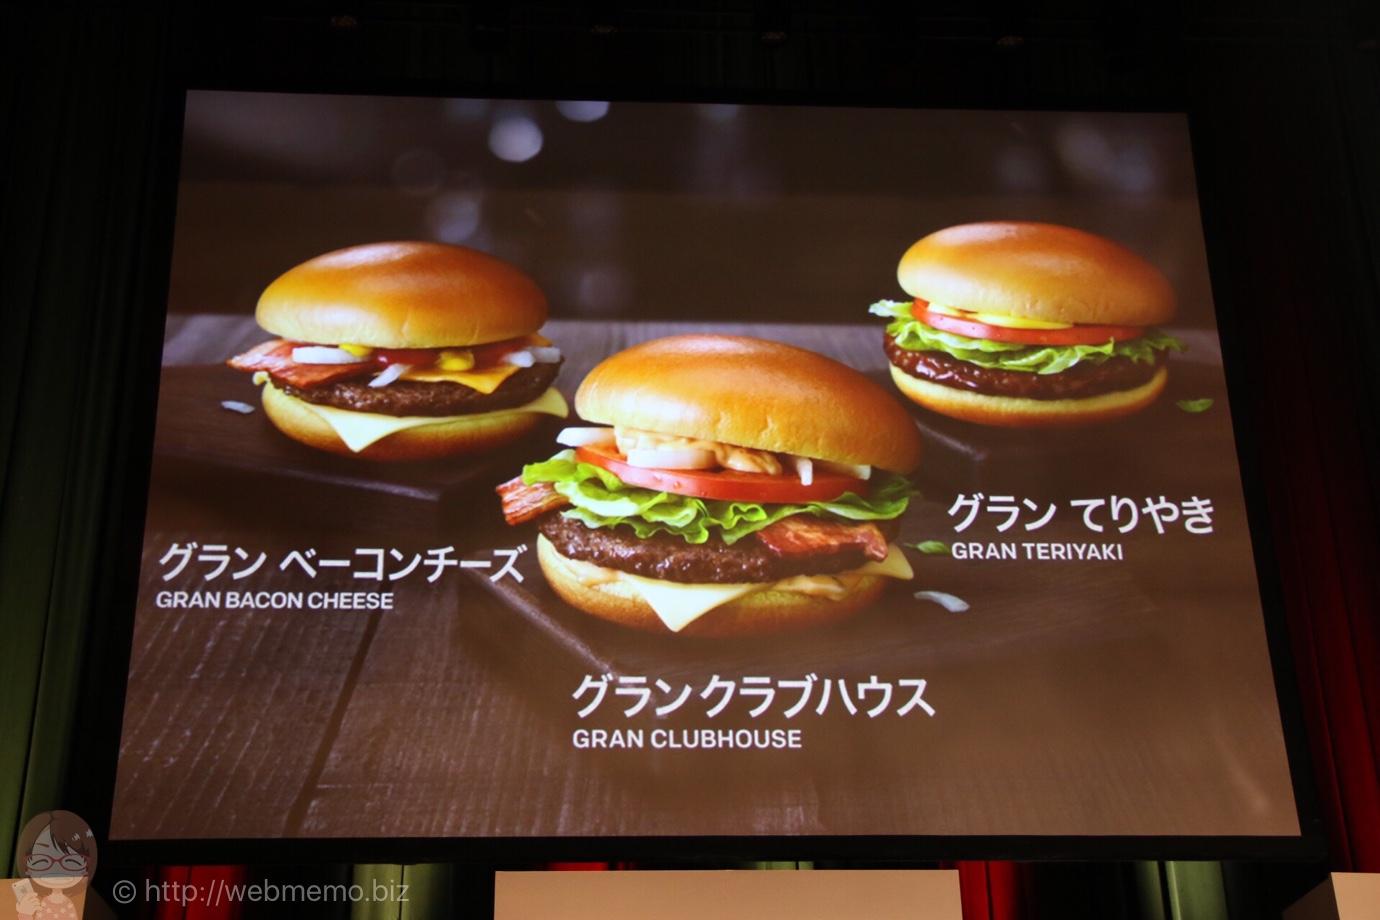 マクドナルドから8年ぶりに本格肉厚ビーフの新レギュラー商品「グラン」が発売!【PR】